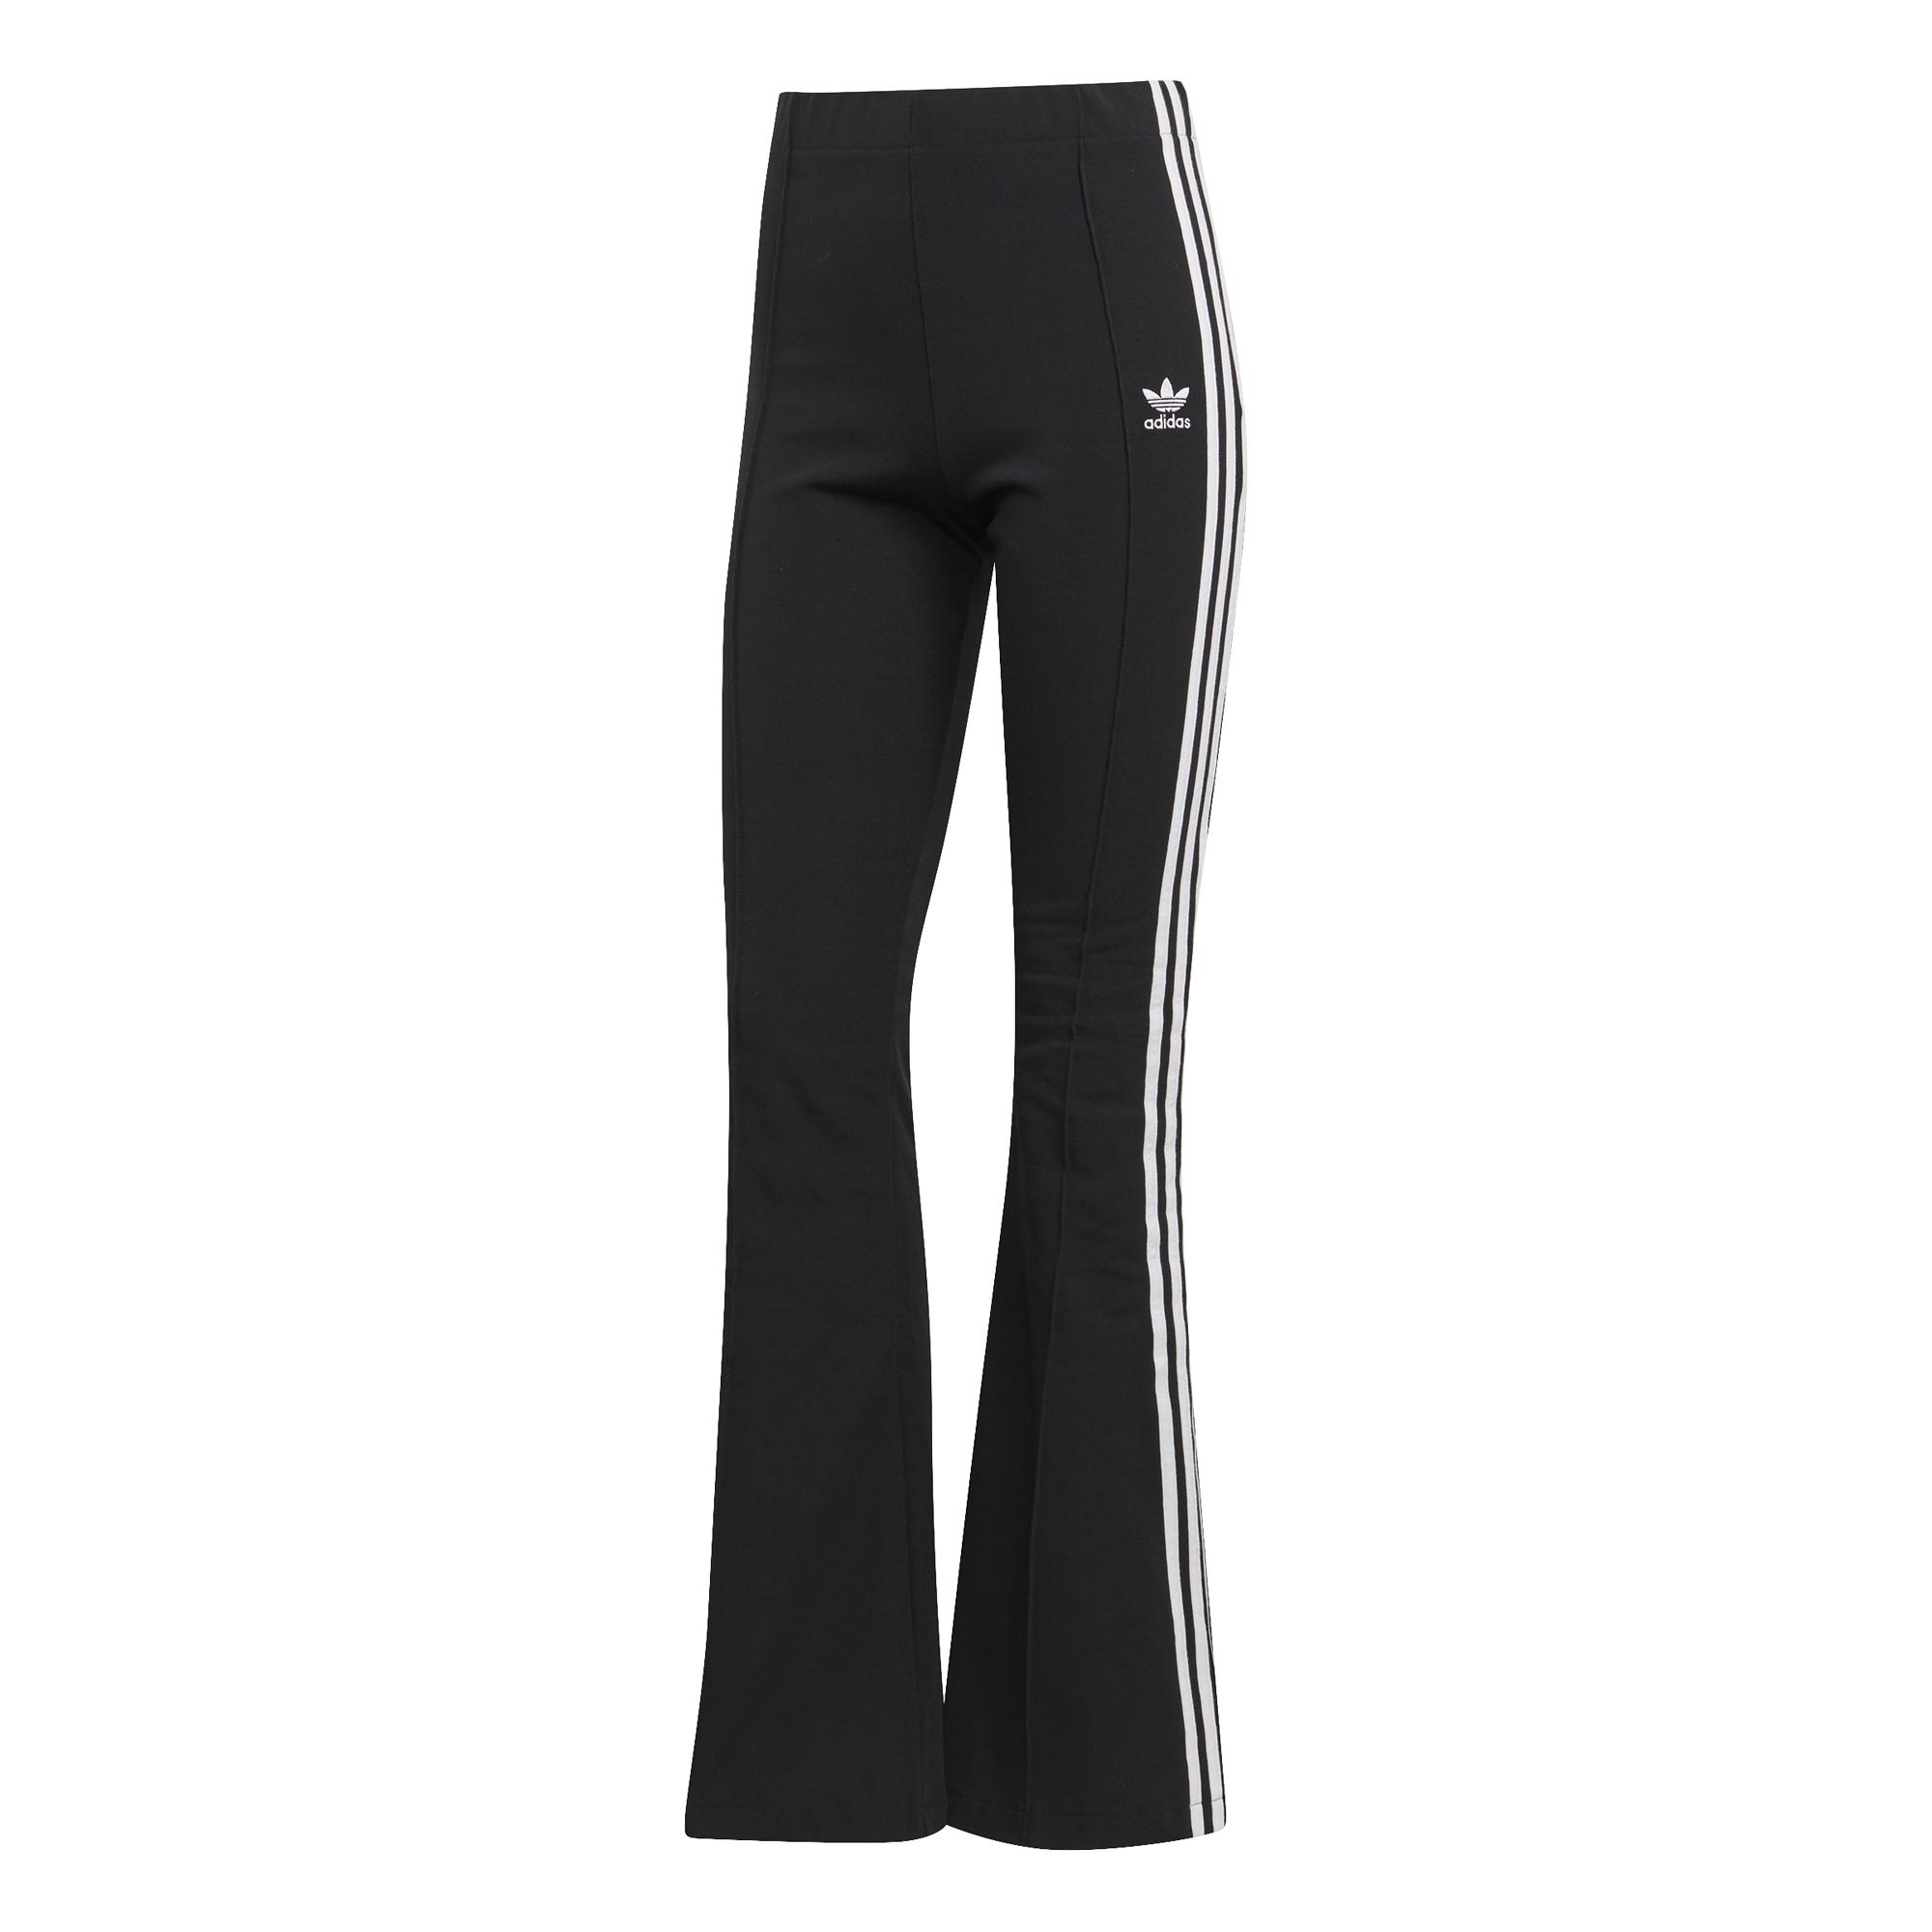 pantalon de survêtement femme adidas